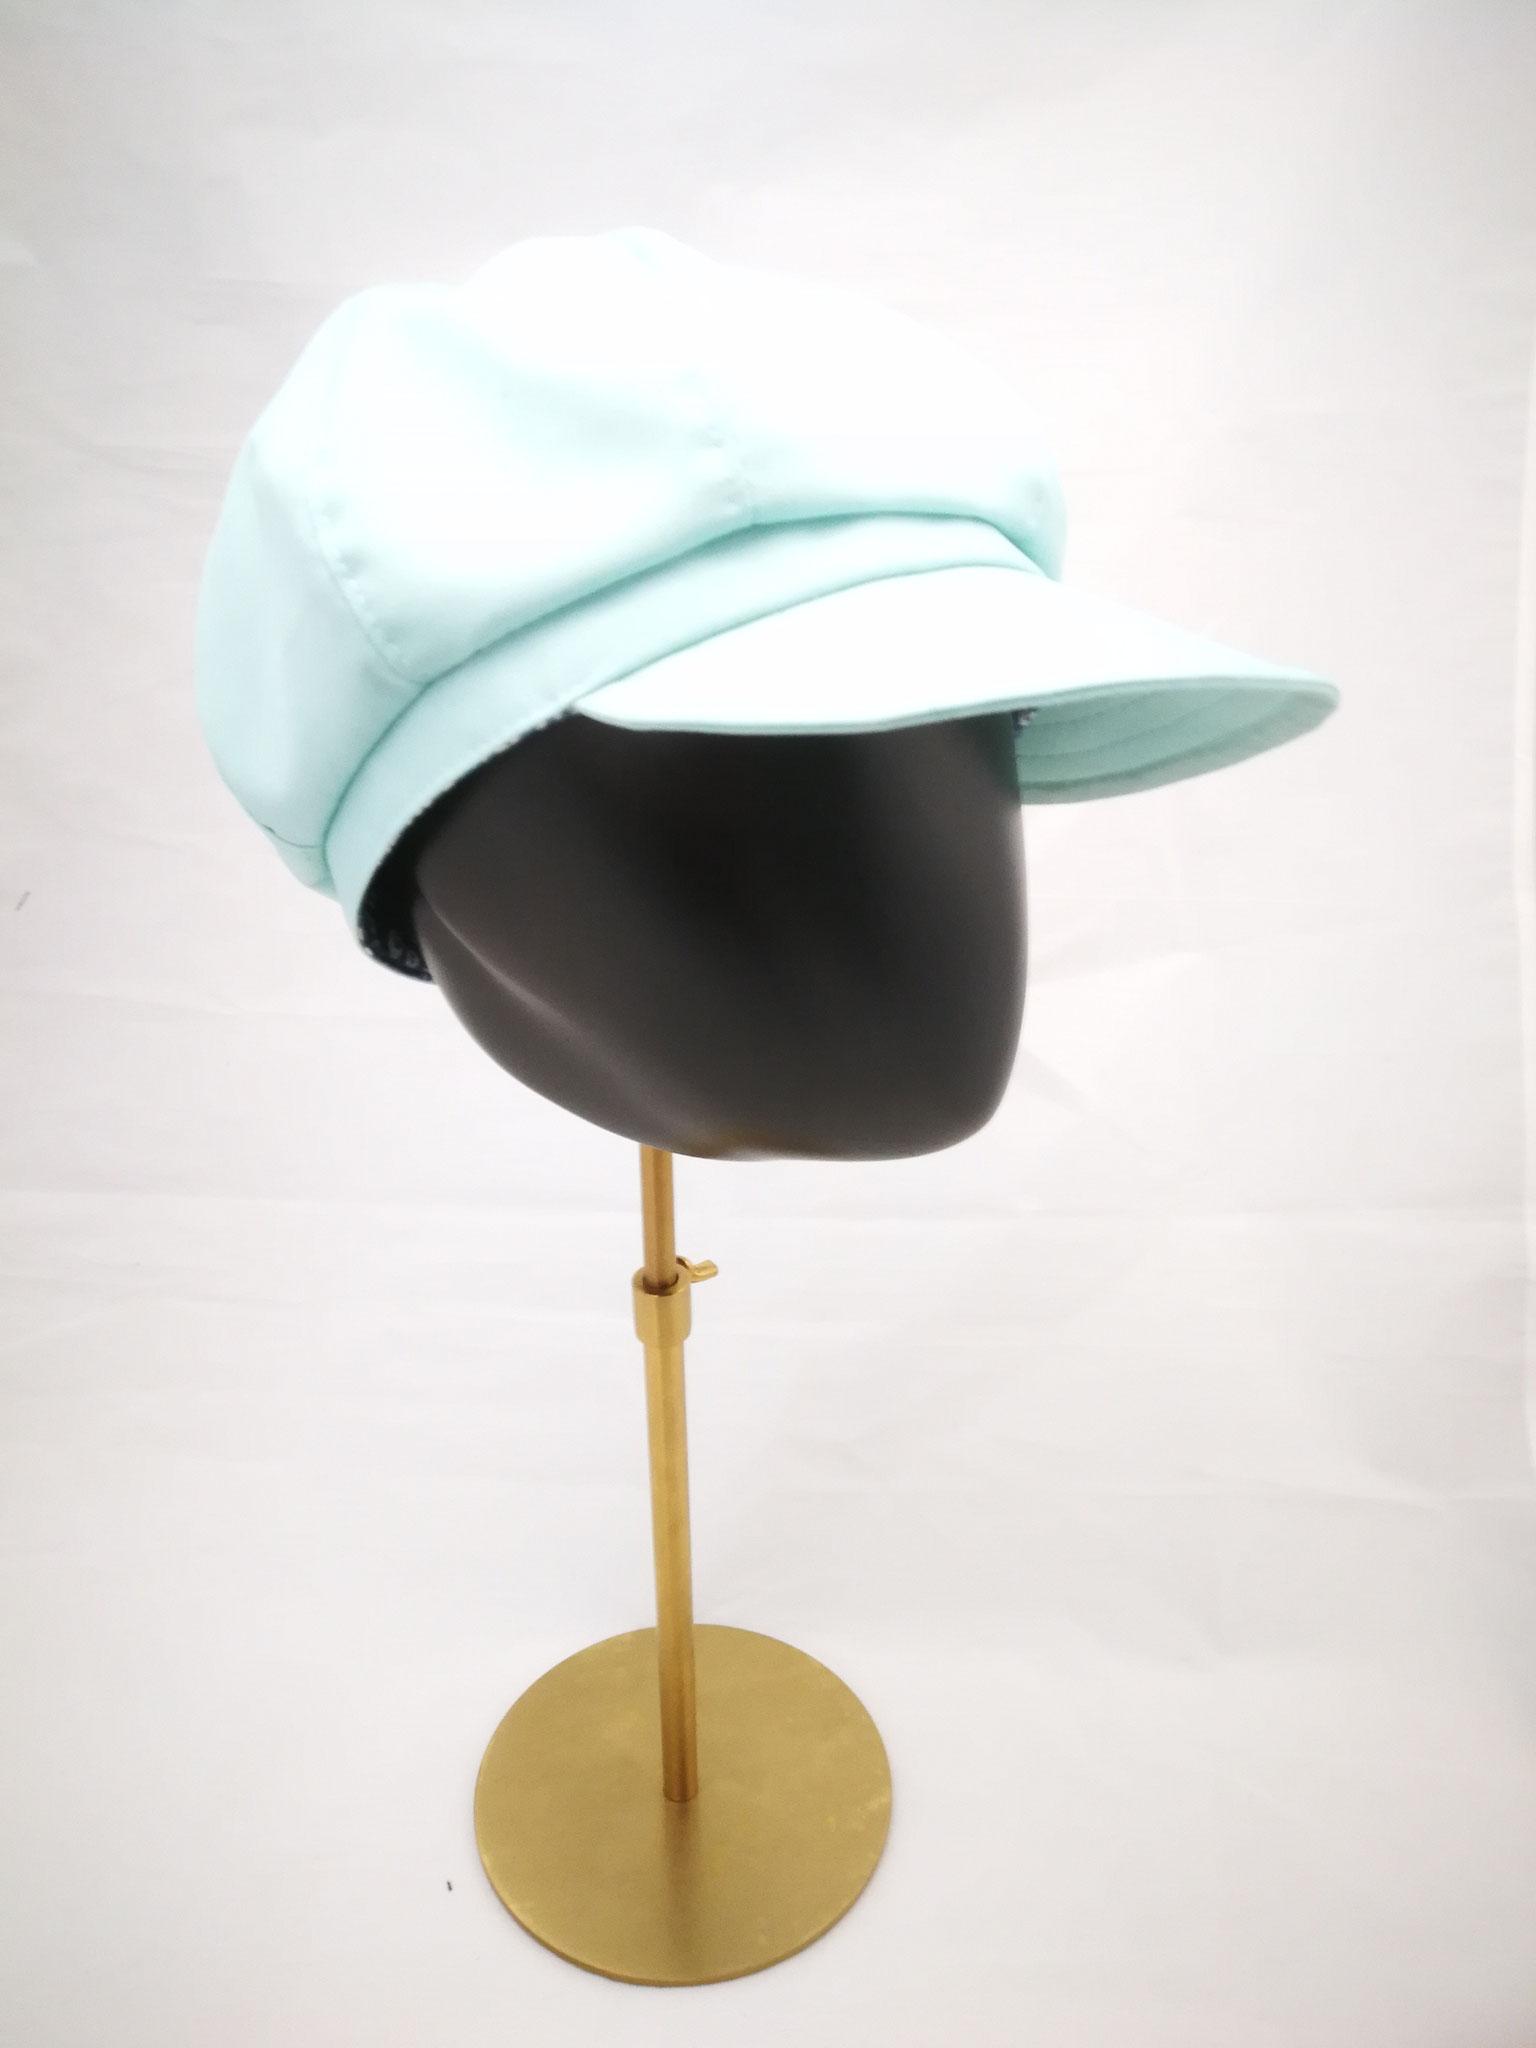 Ballonmütze mit Schirm,  UV Stoff, mitgrün, Manufakturarbeit, bestellbar Preis 64,90 €